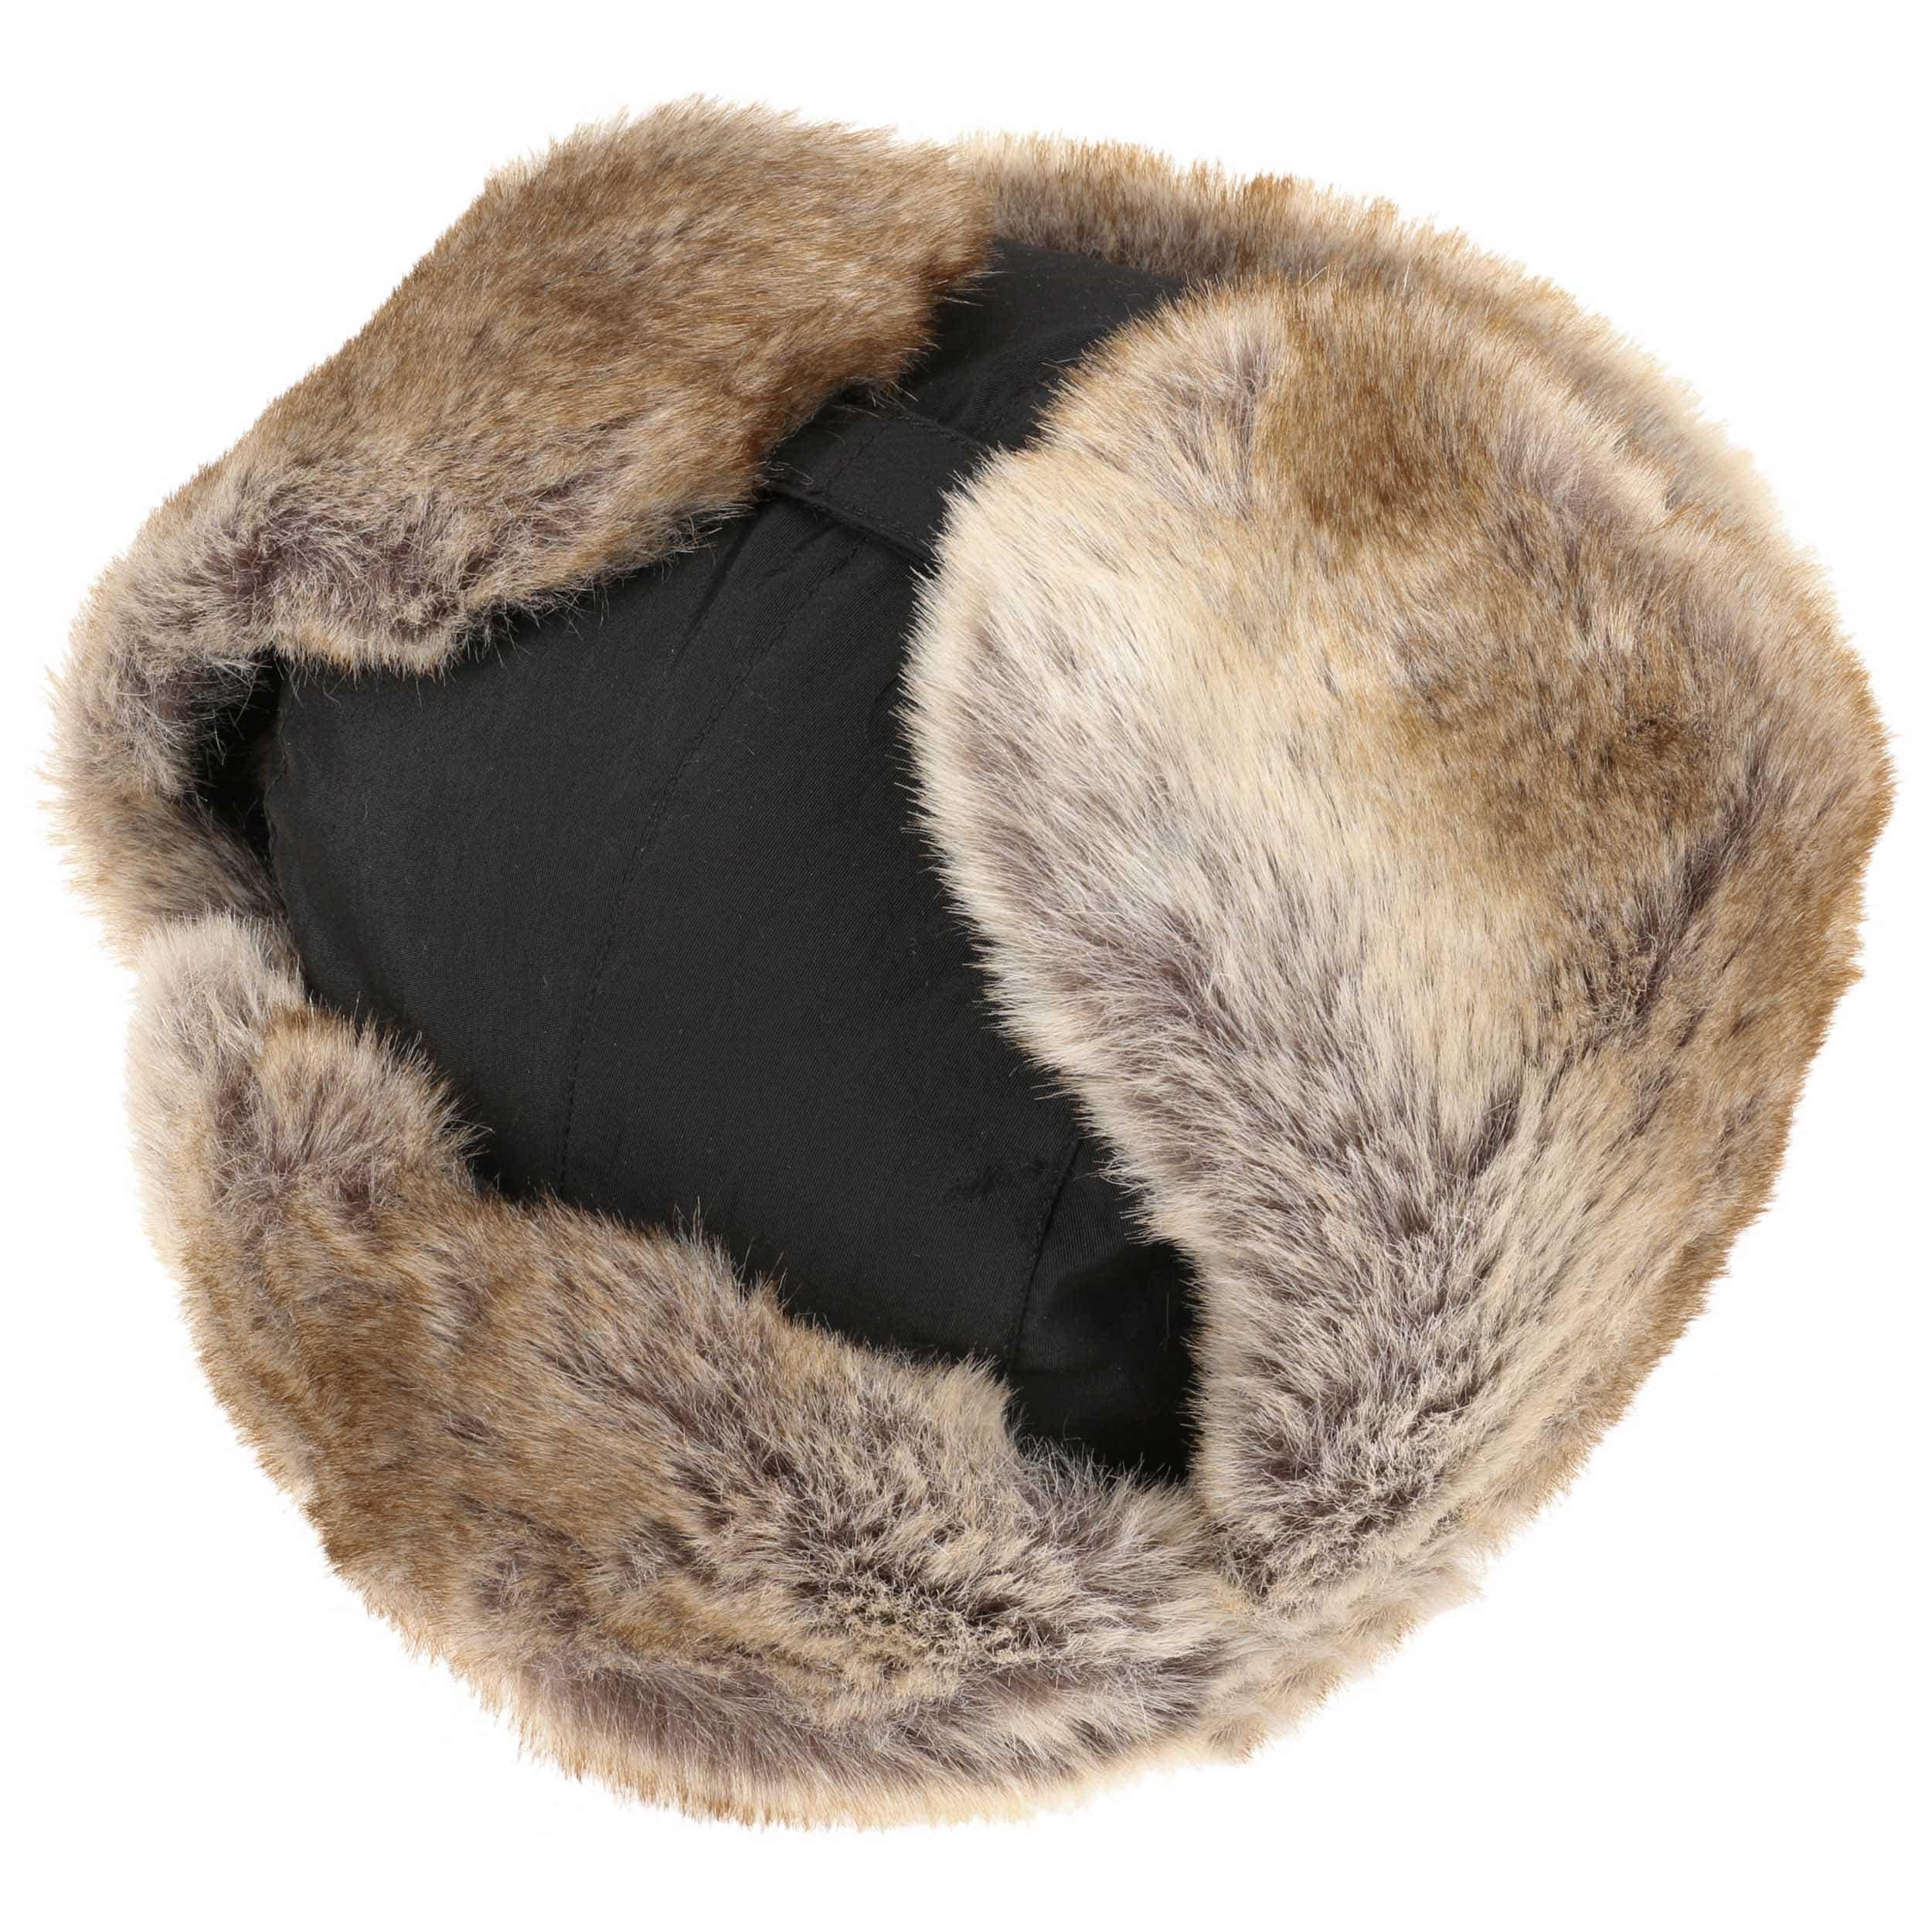 chapka carreaux kamikaze enfant by barts eur 34 99 chapeaux casquettes et bonnets en. Black Bedroom Furniture Sets. Home Design Ideas